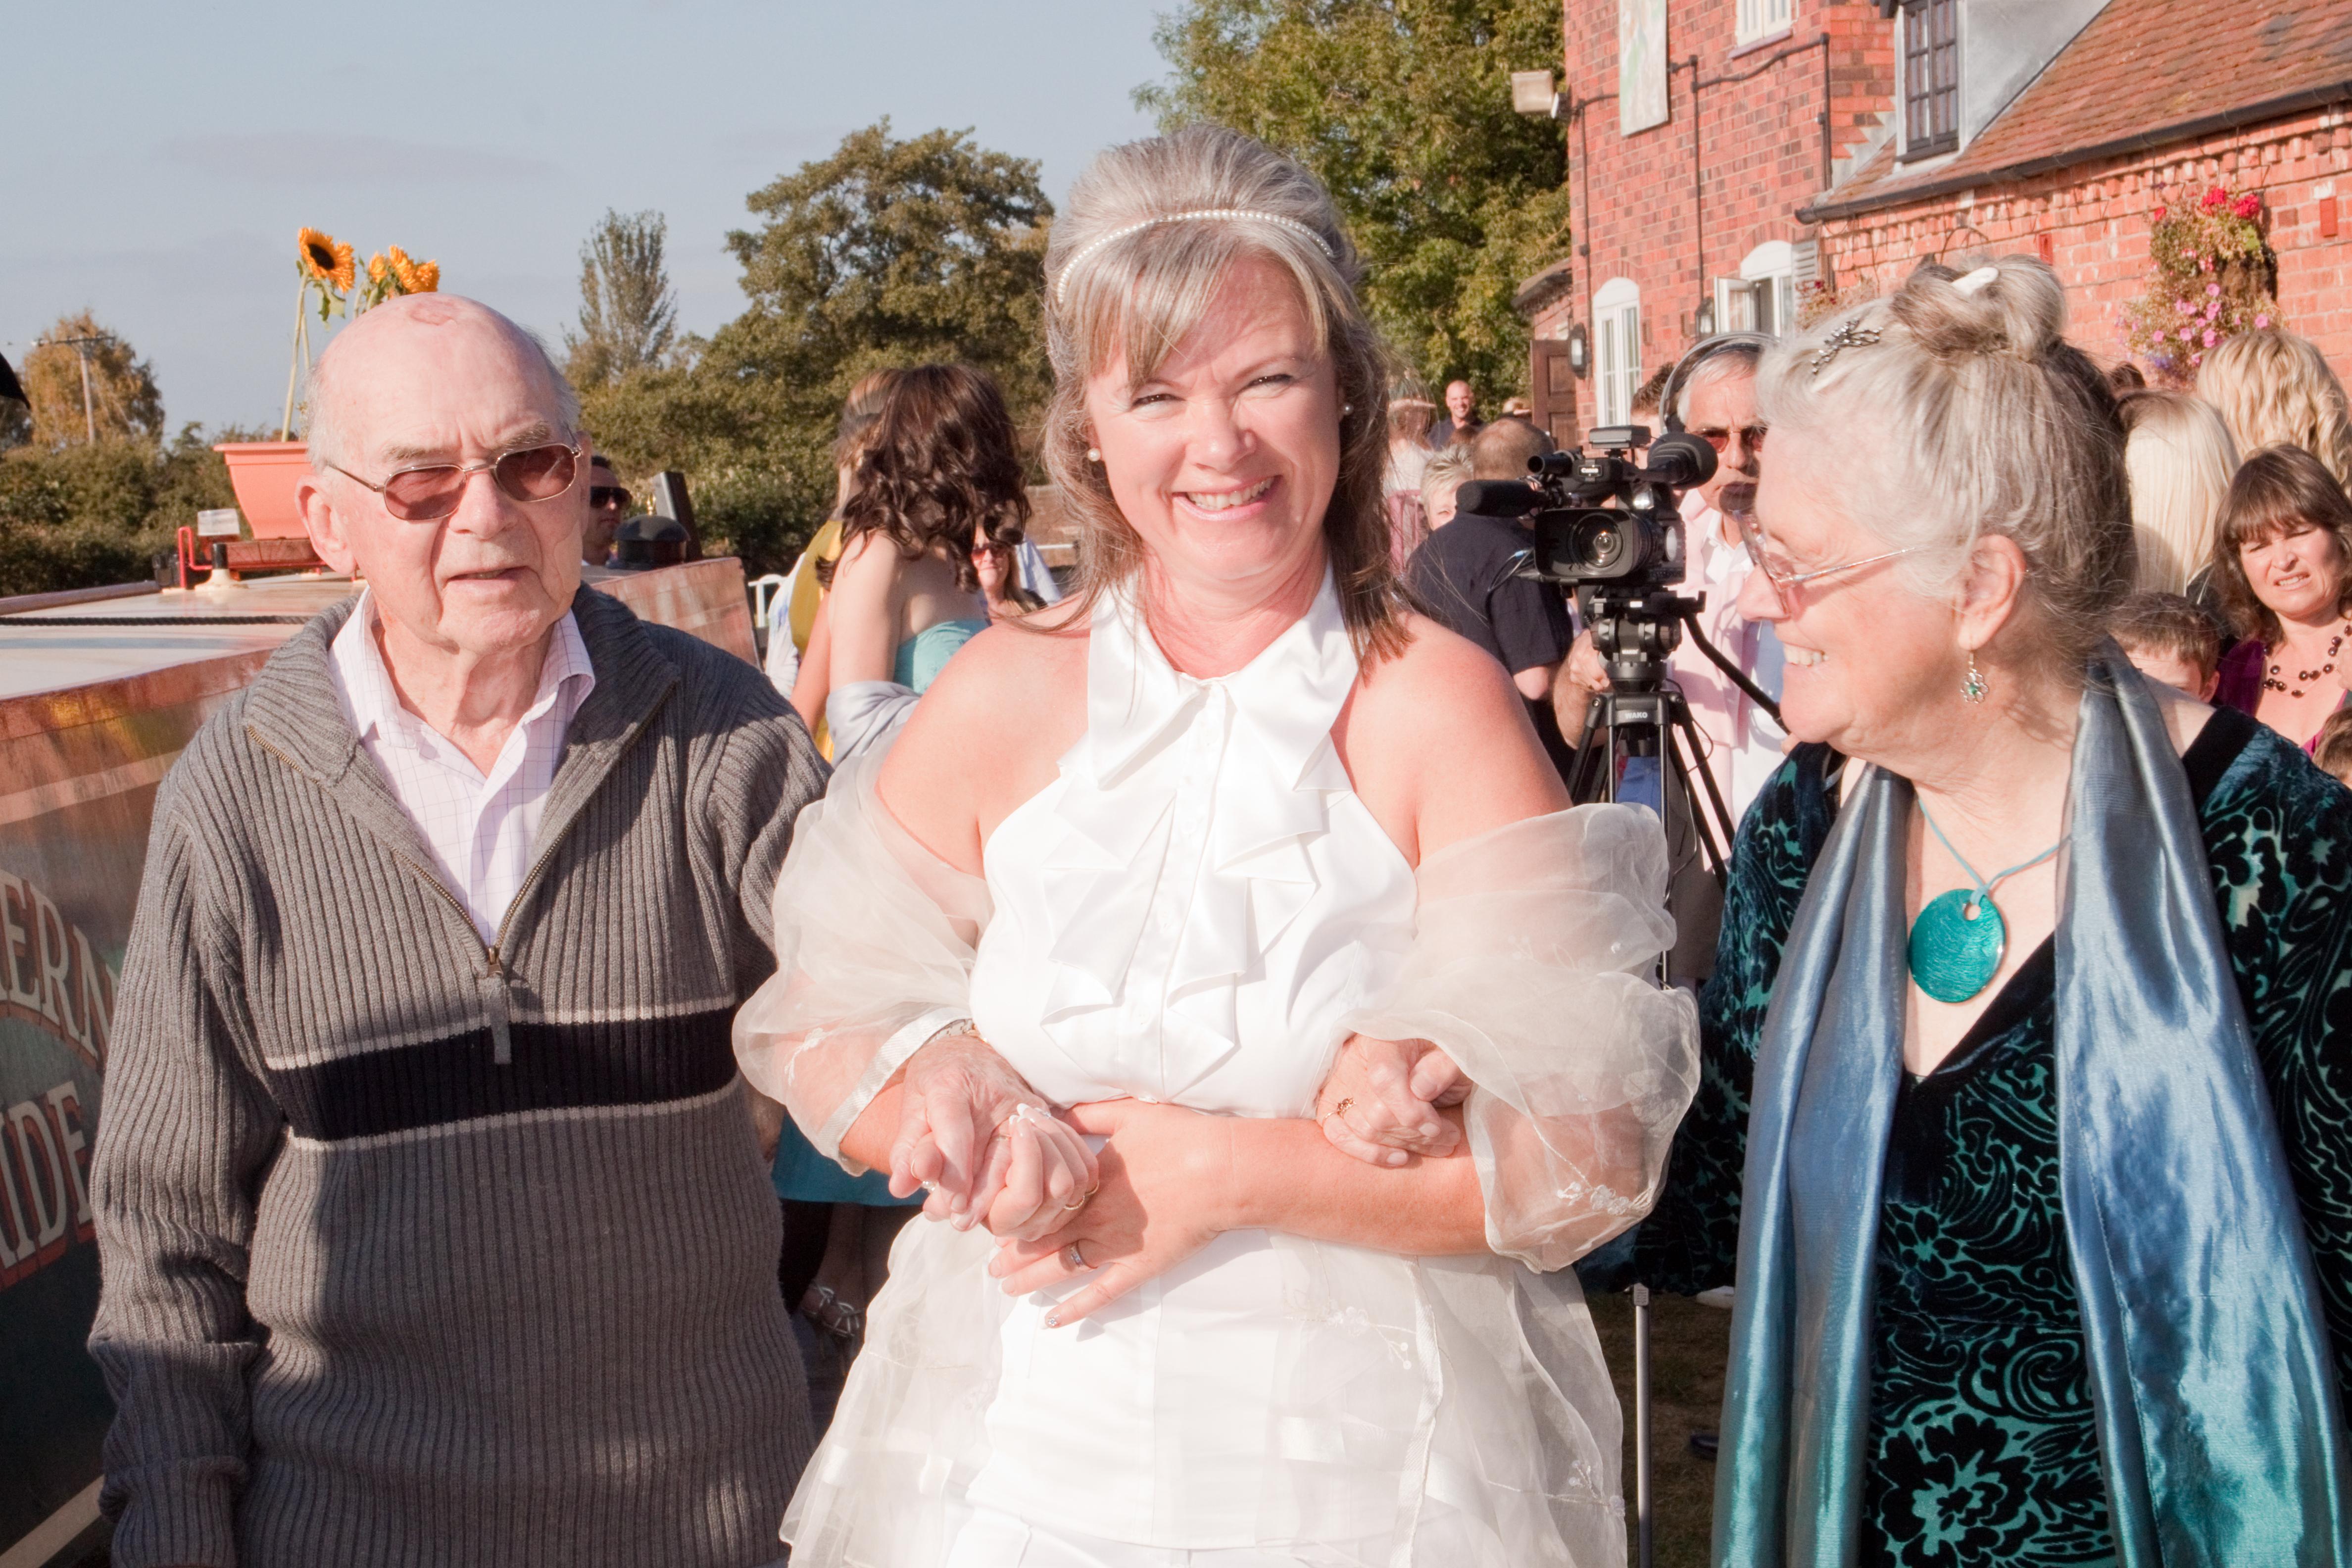 Narrowboat wedding 2009